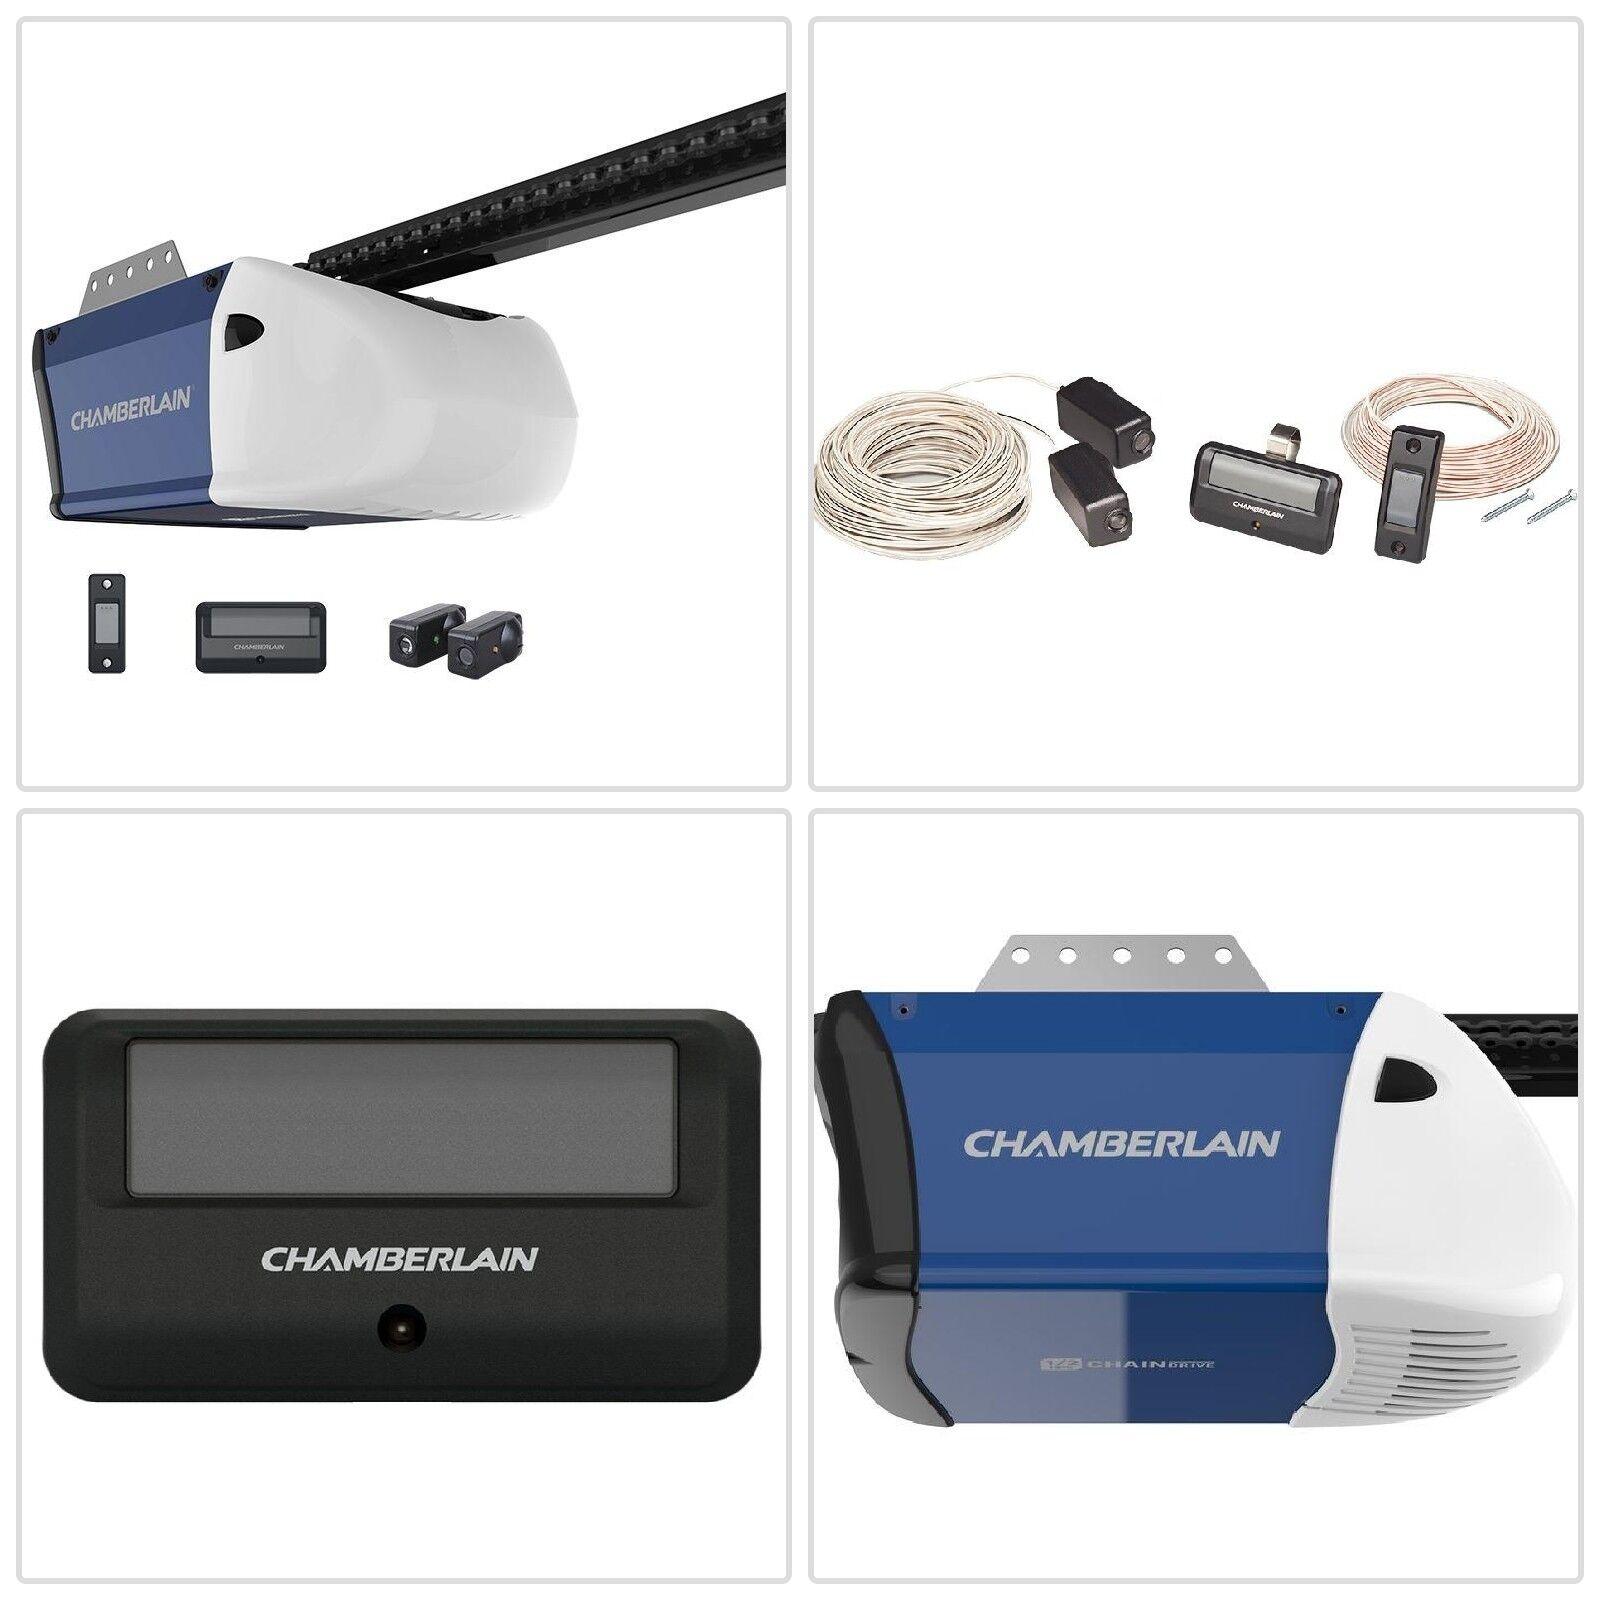 Chamberlain Garage Door Opener Kit 1/2 HP Cha